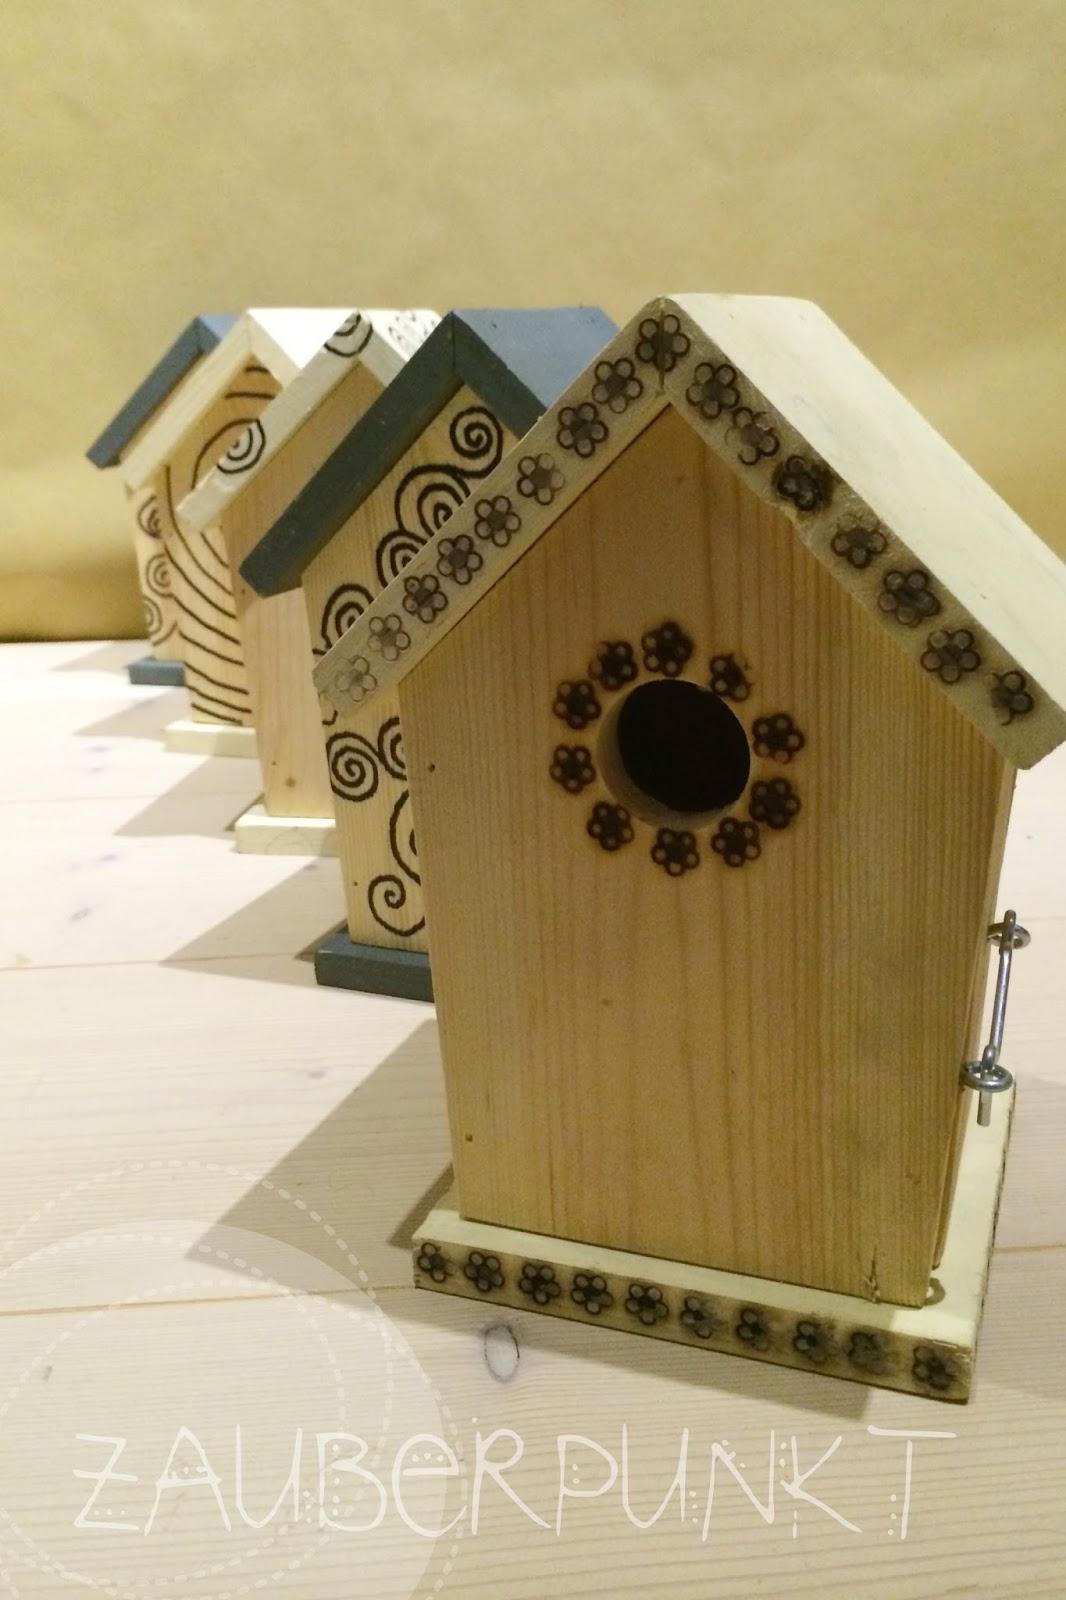 zauberpunkt weihnachtsgeschenke basteln mit kindern vogelhaus gestalten. Black Bedroom Furniture Sets. Home Design Ideas